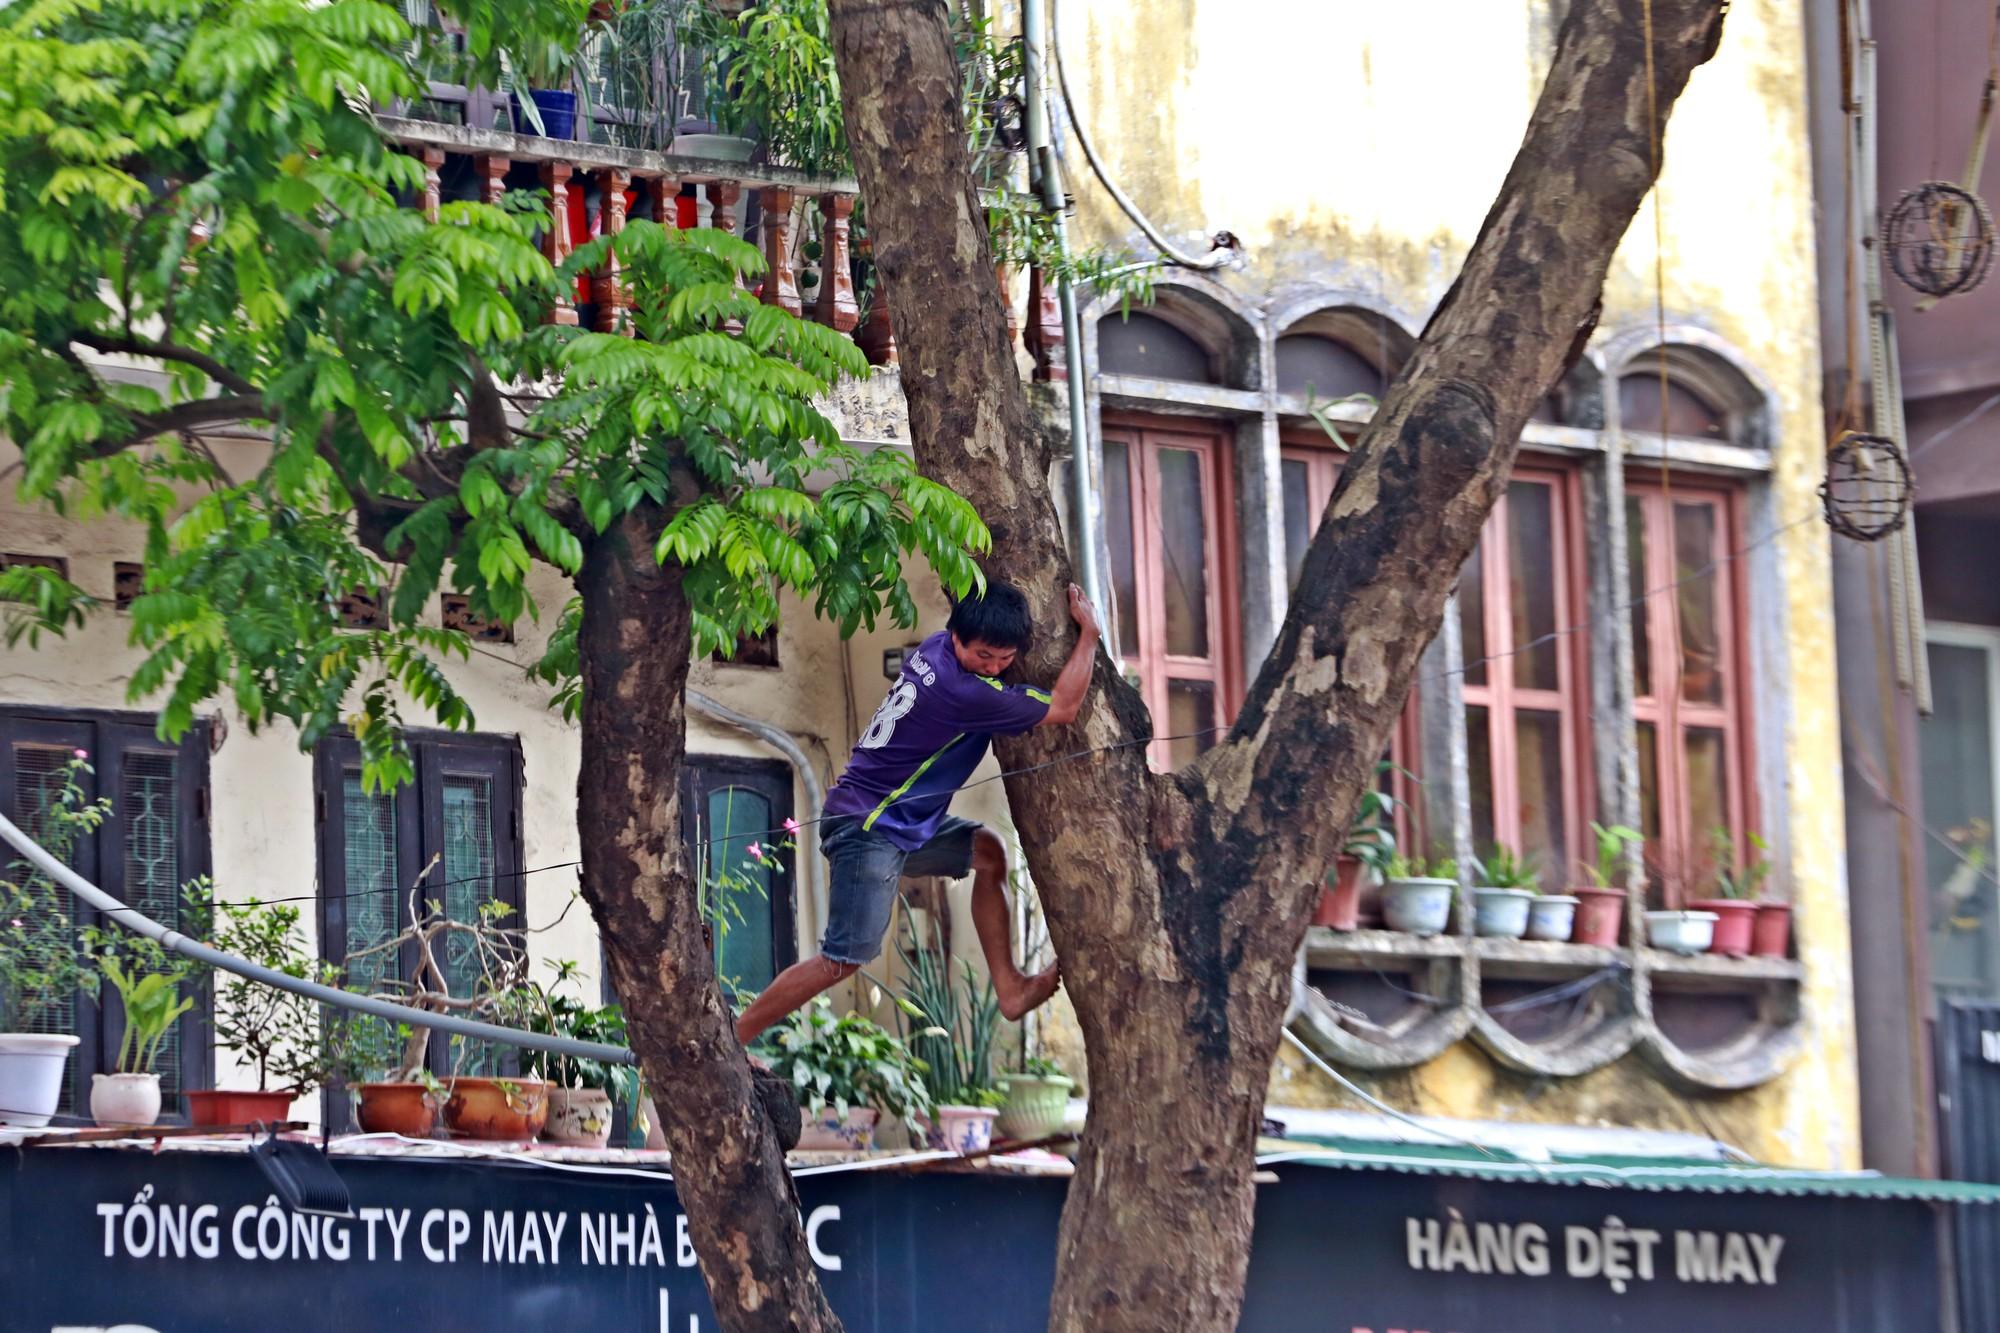 Người nhện kéo nhau đi hái sấu trên phố Hà Nội, kiếm bạc triệu mỗi ngày - Ảnh 3.